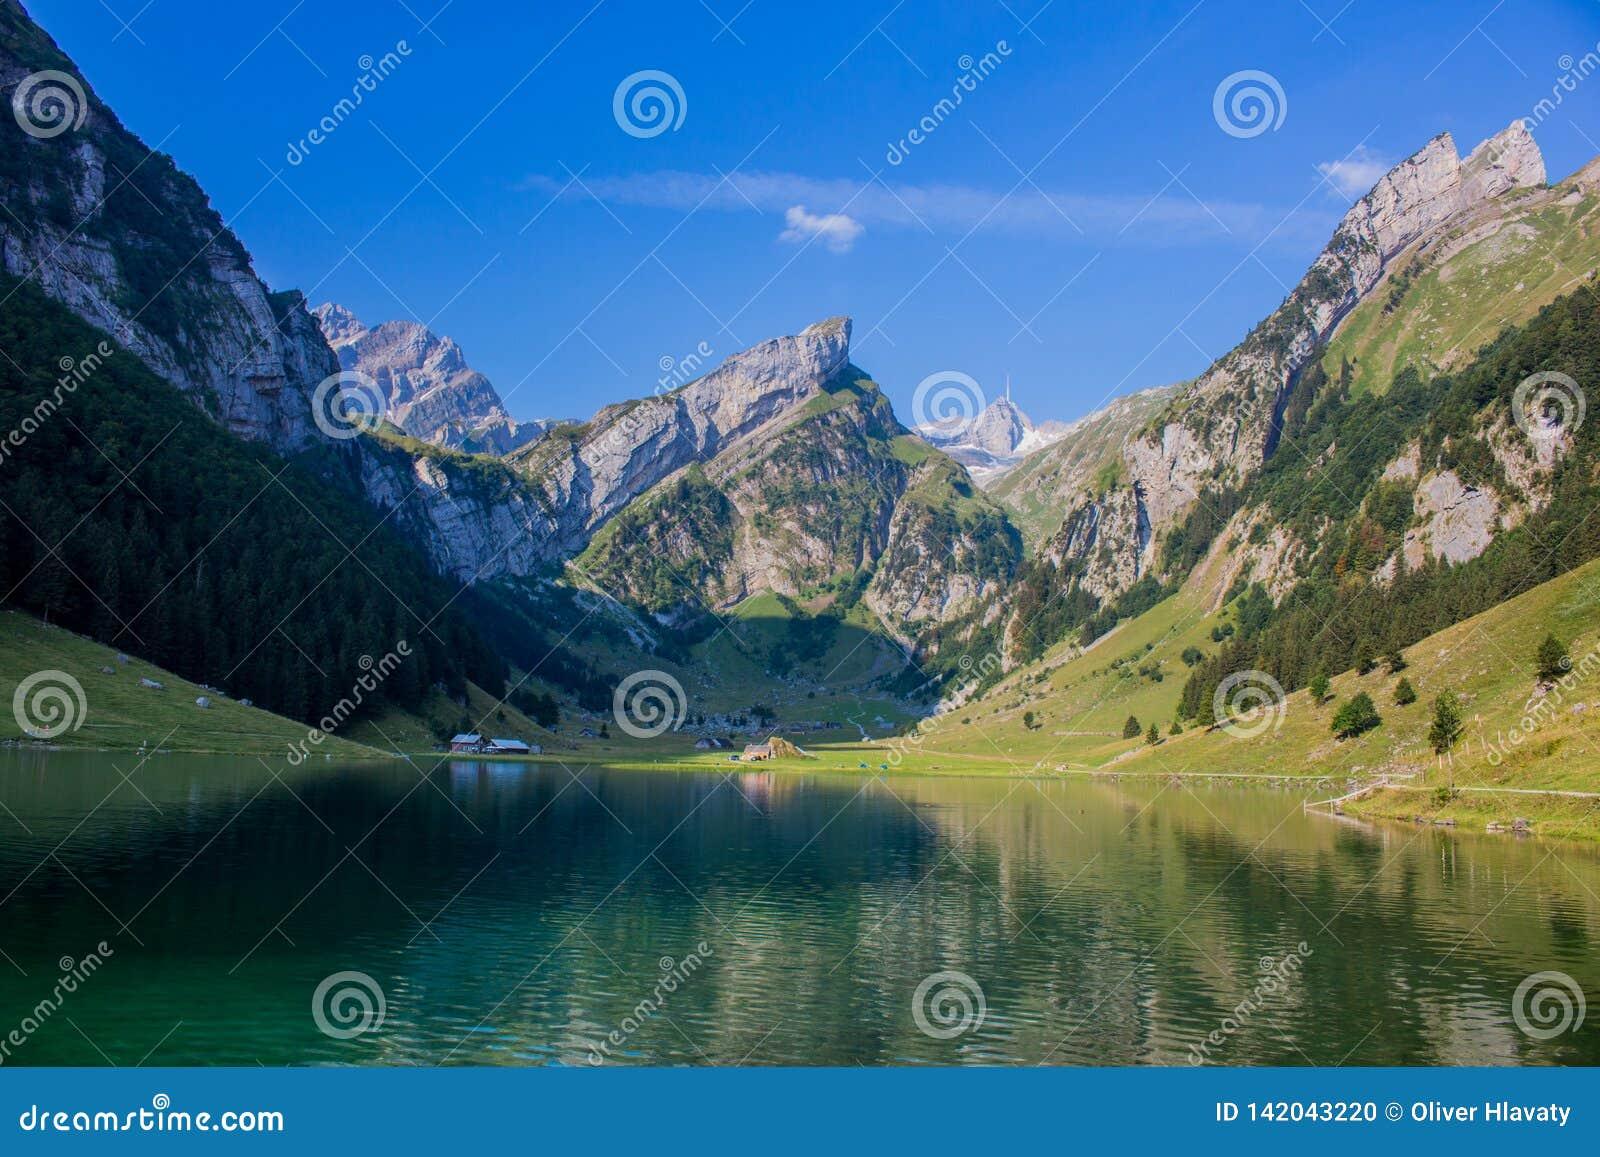 Viaje exploratorio con la región hermosa de la montaña de Appenzell